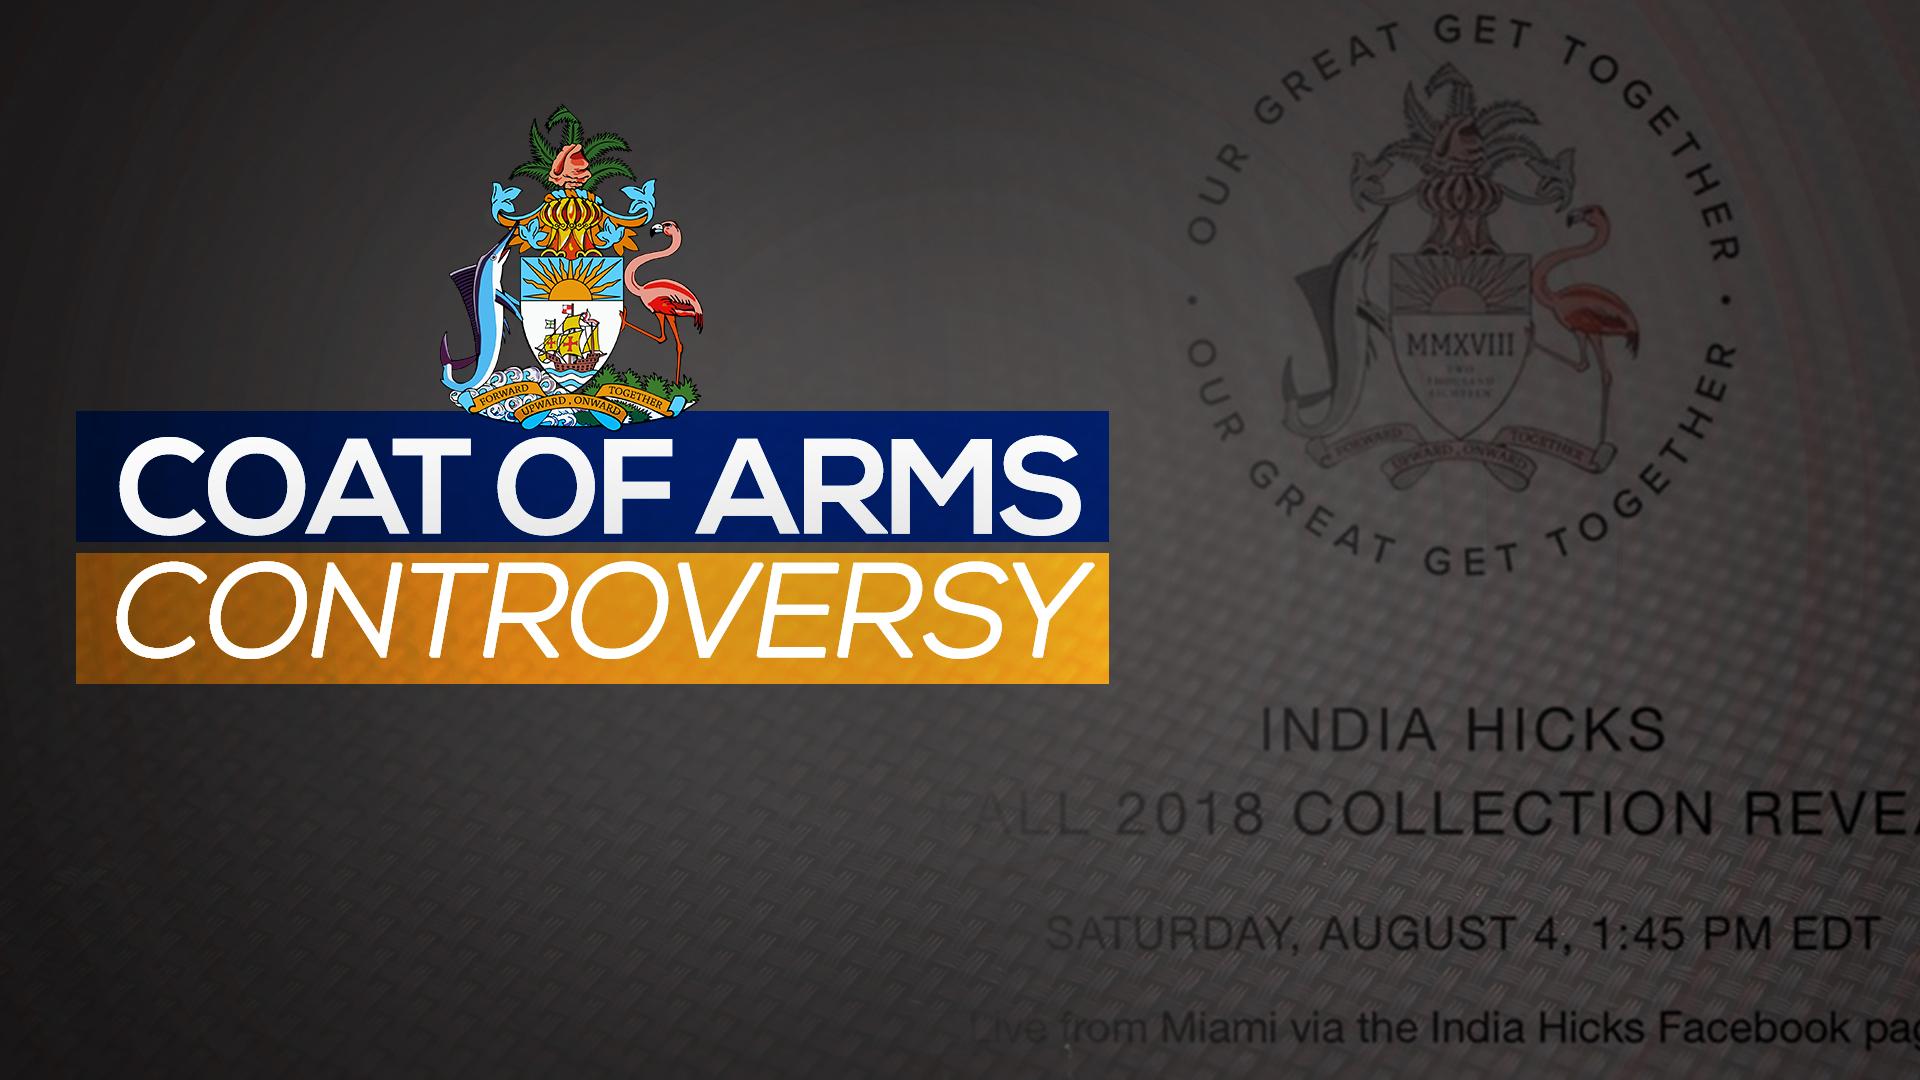 India Hicks still under fire